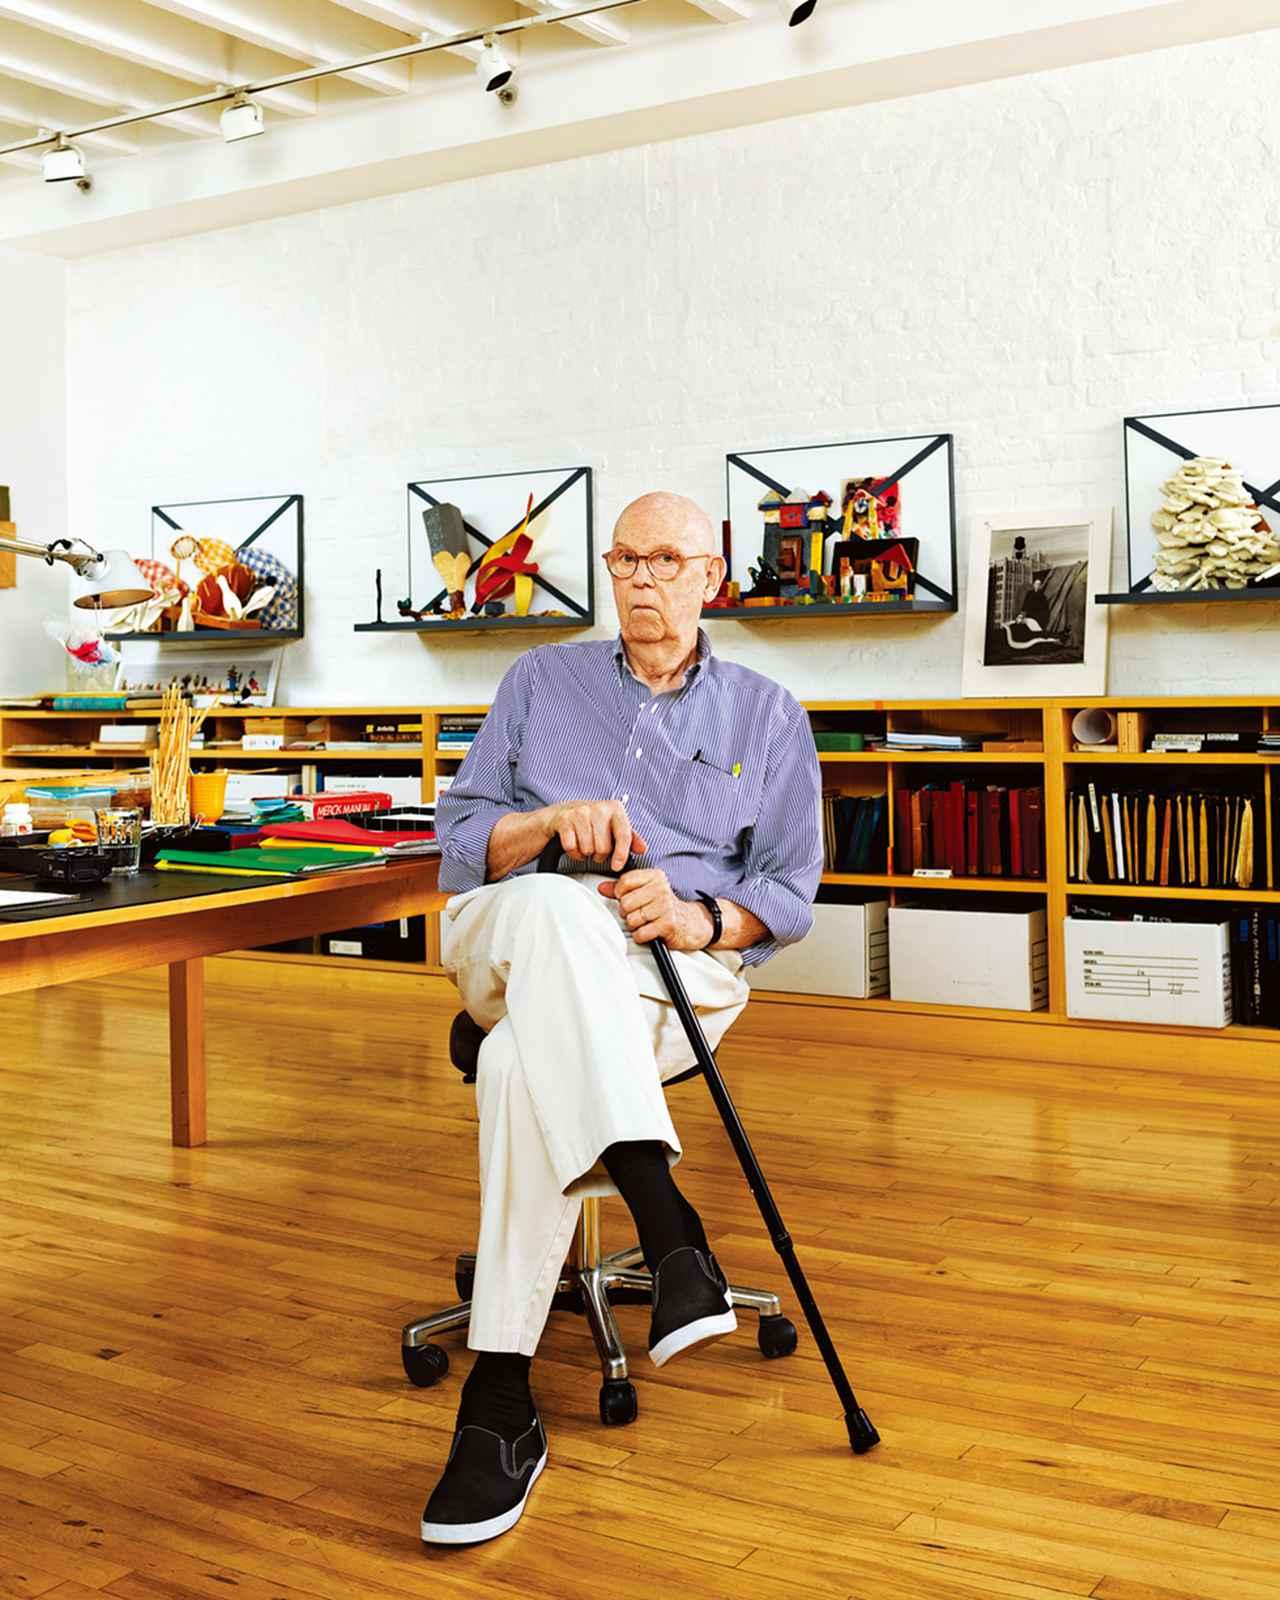 """画像 : 1番目の画像 - 「ポップアートの""""挑発者"""" 彫刻家、クレス・オルデンバーグ<前編>」のアルバム - T JAPAN:The New York Times Style Magazine 公式サイト"""